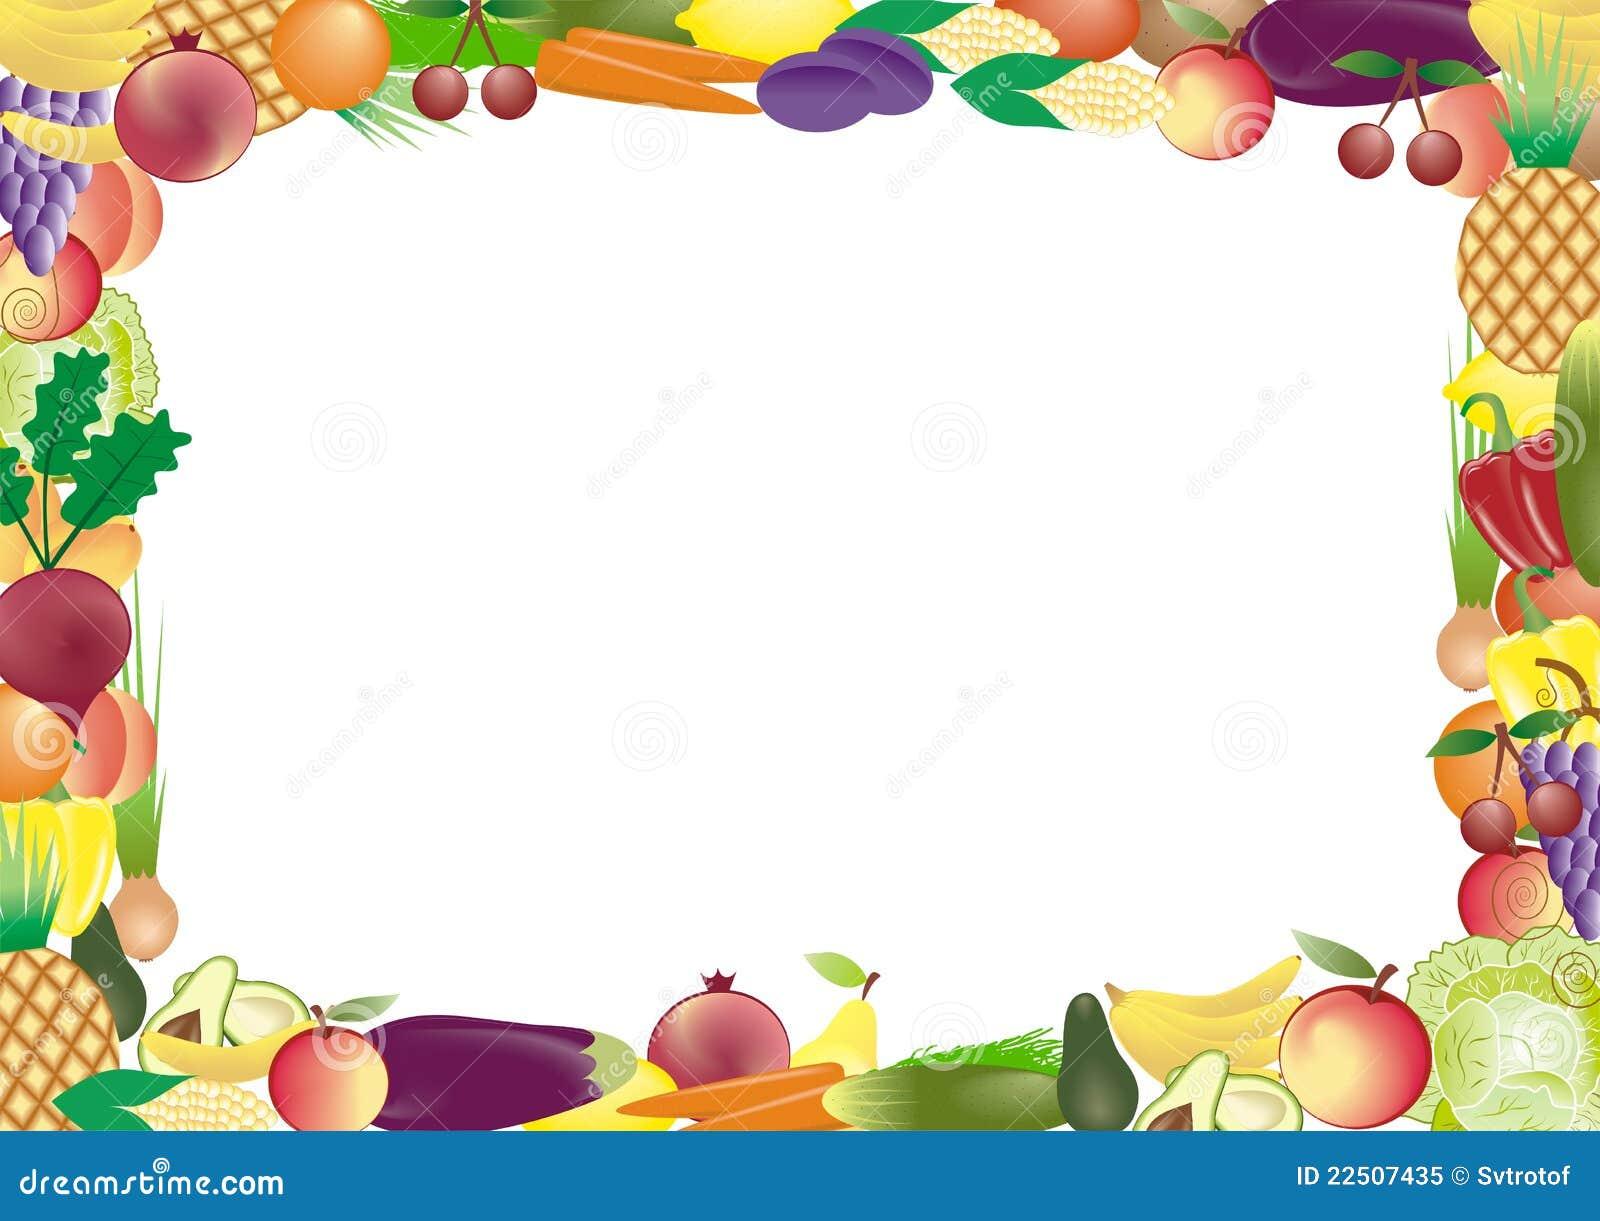 Dibujos Animados Texto Naranja: Marco Del Vector De Las Frutas Y Verdura Foto De Archivo